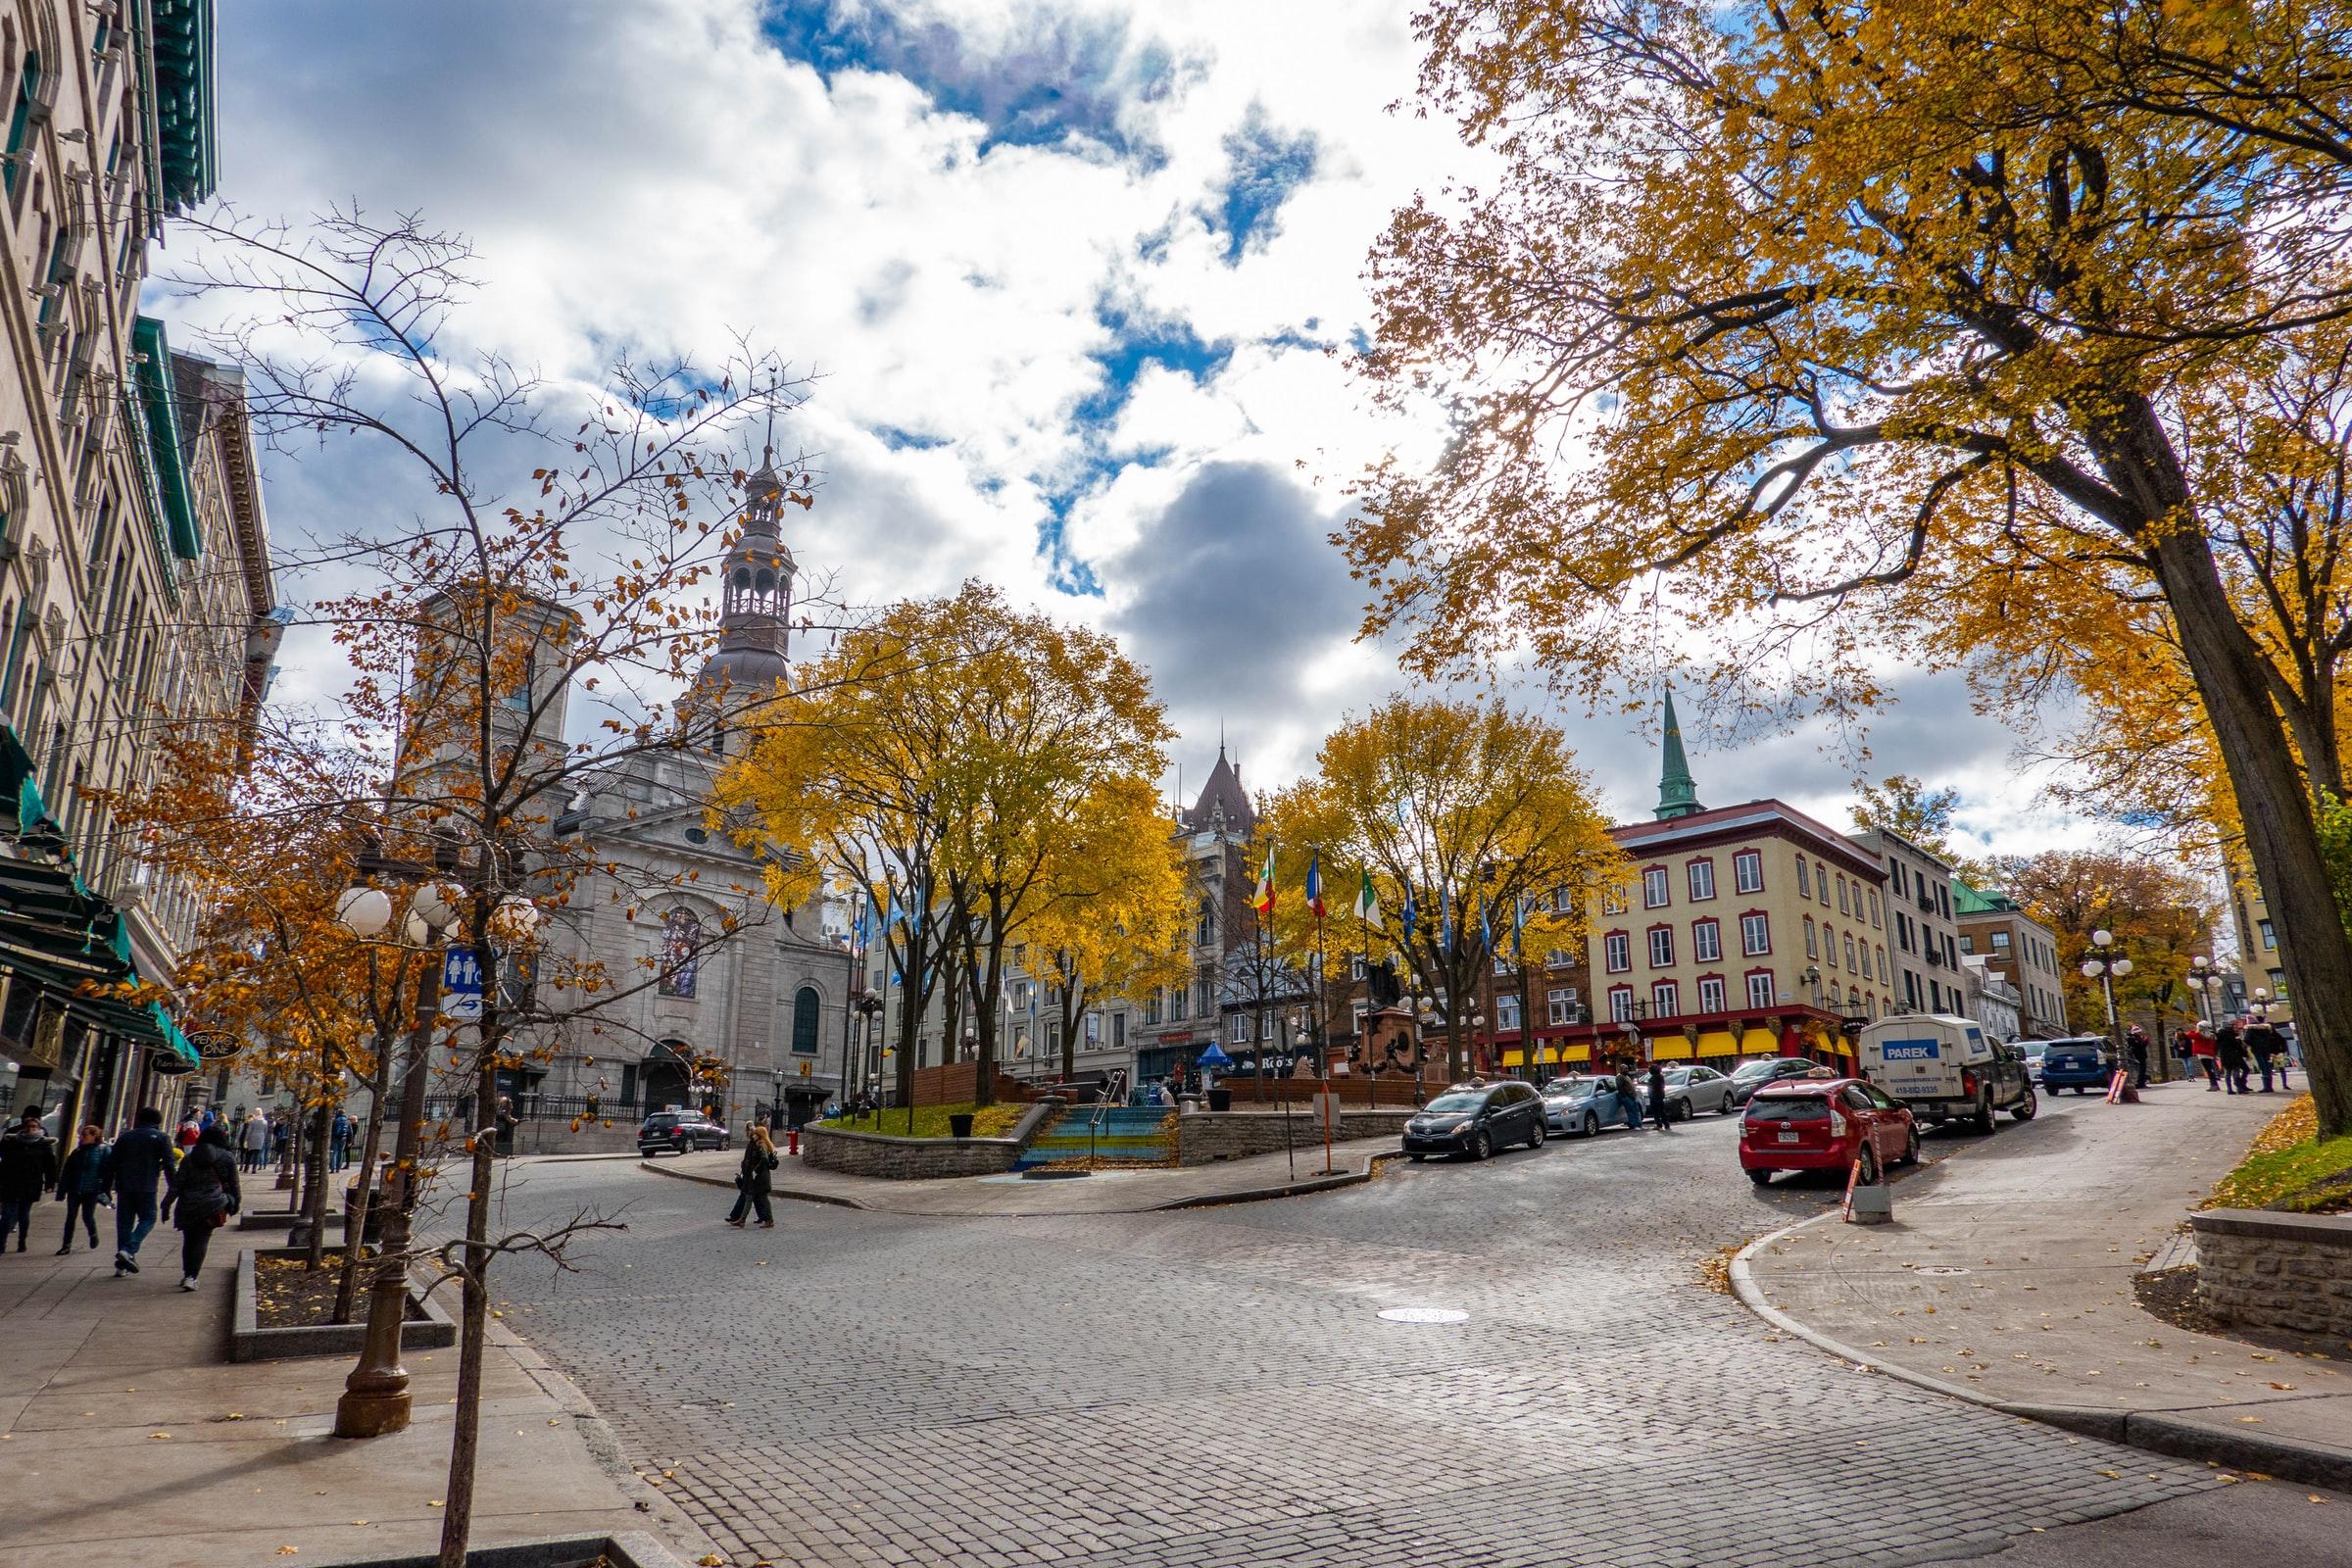 Quebec City Kanada Straße und Bäume und Gebäude